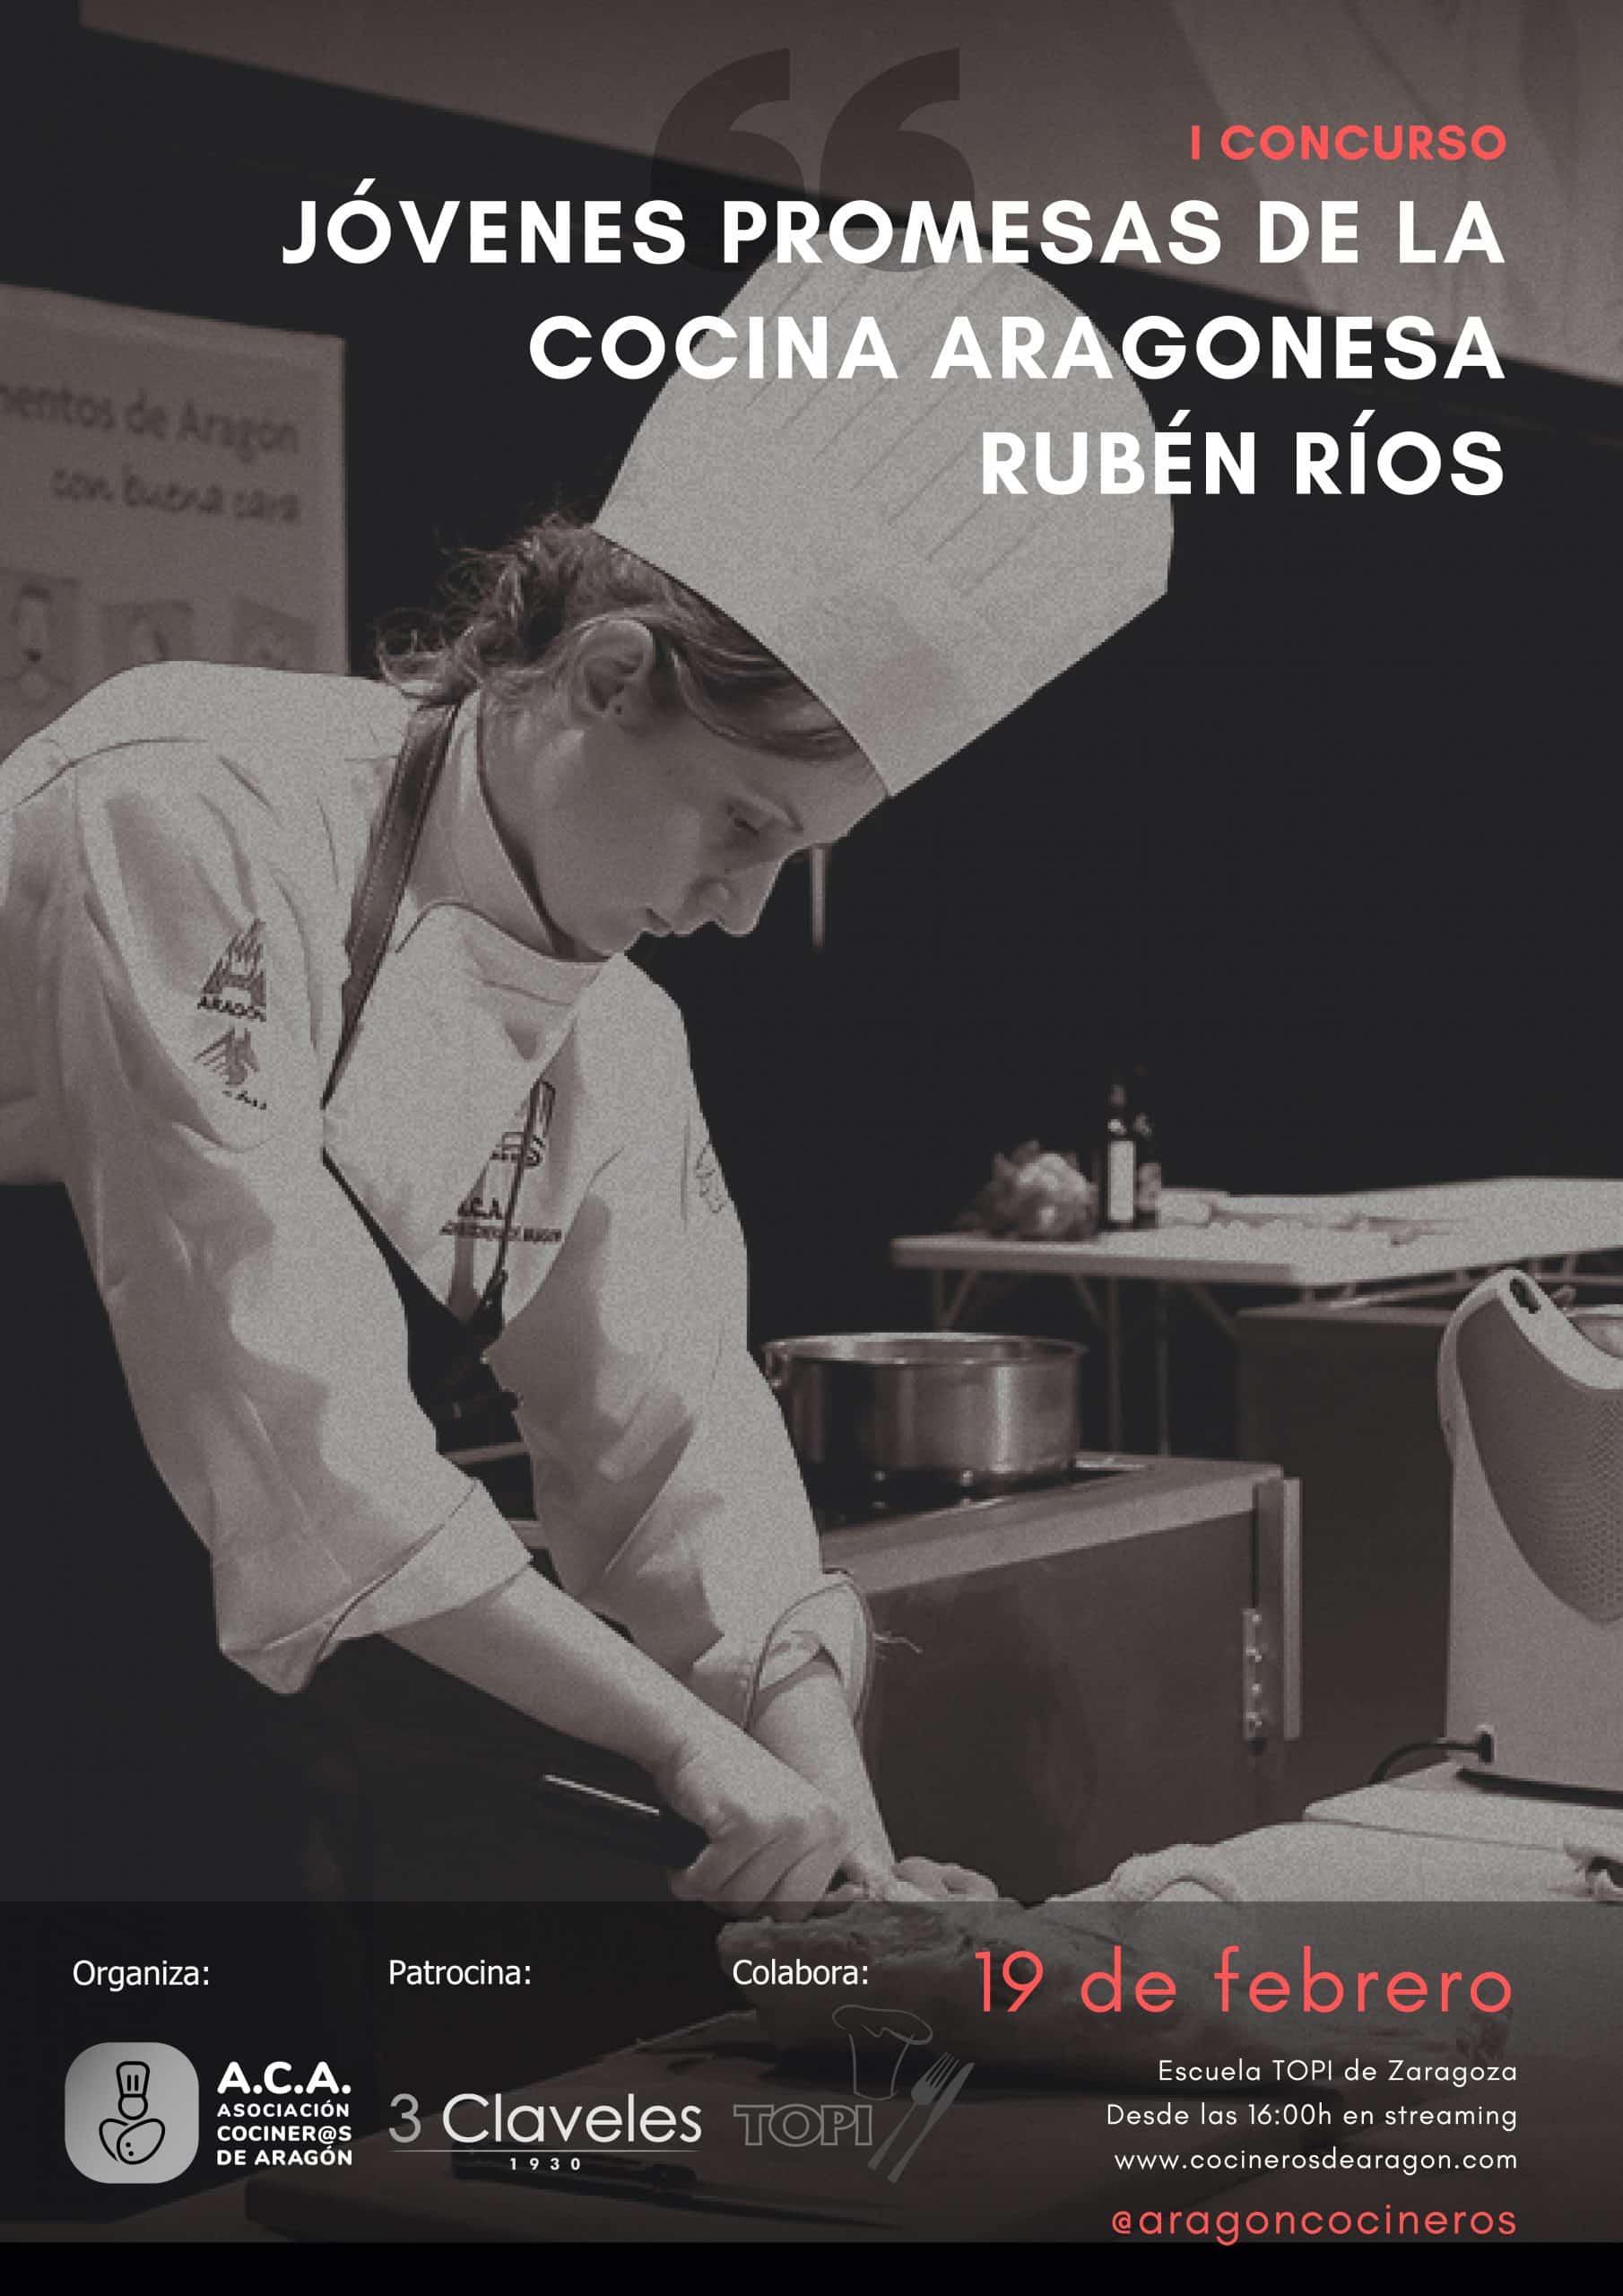 Jóvenes Promesas de la Cocina Aragonesa Rubén Ríos